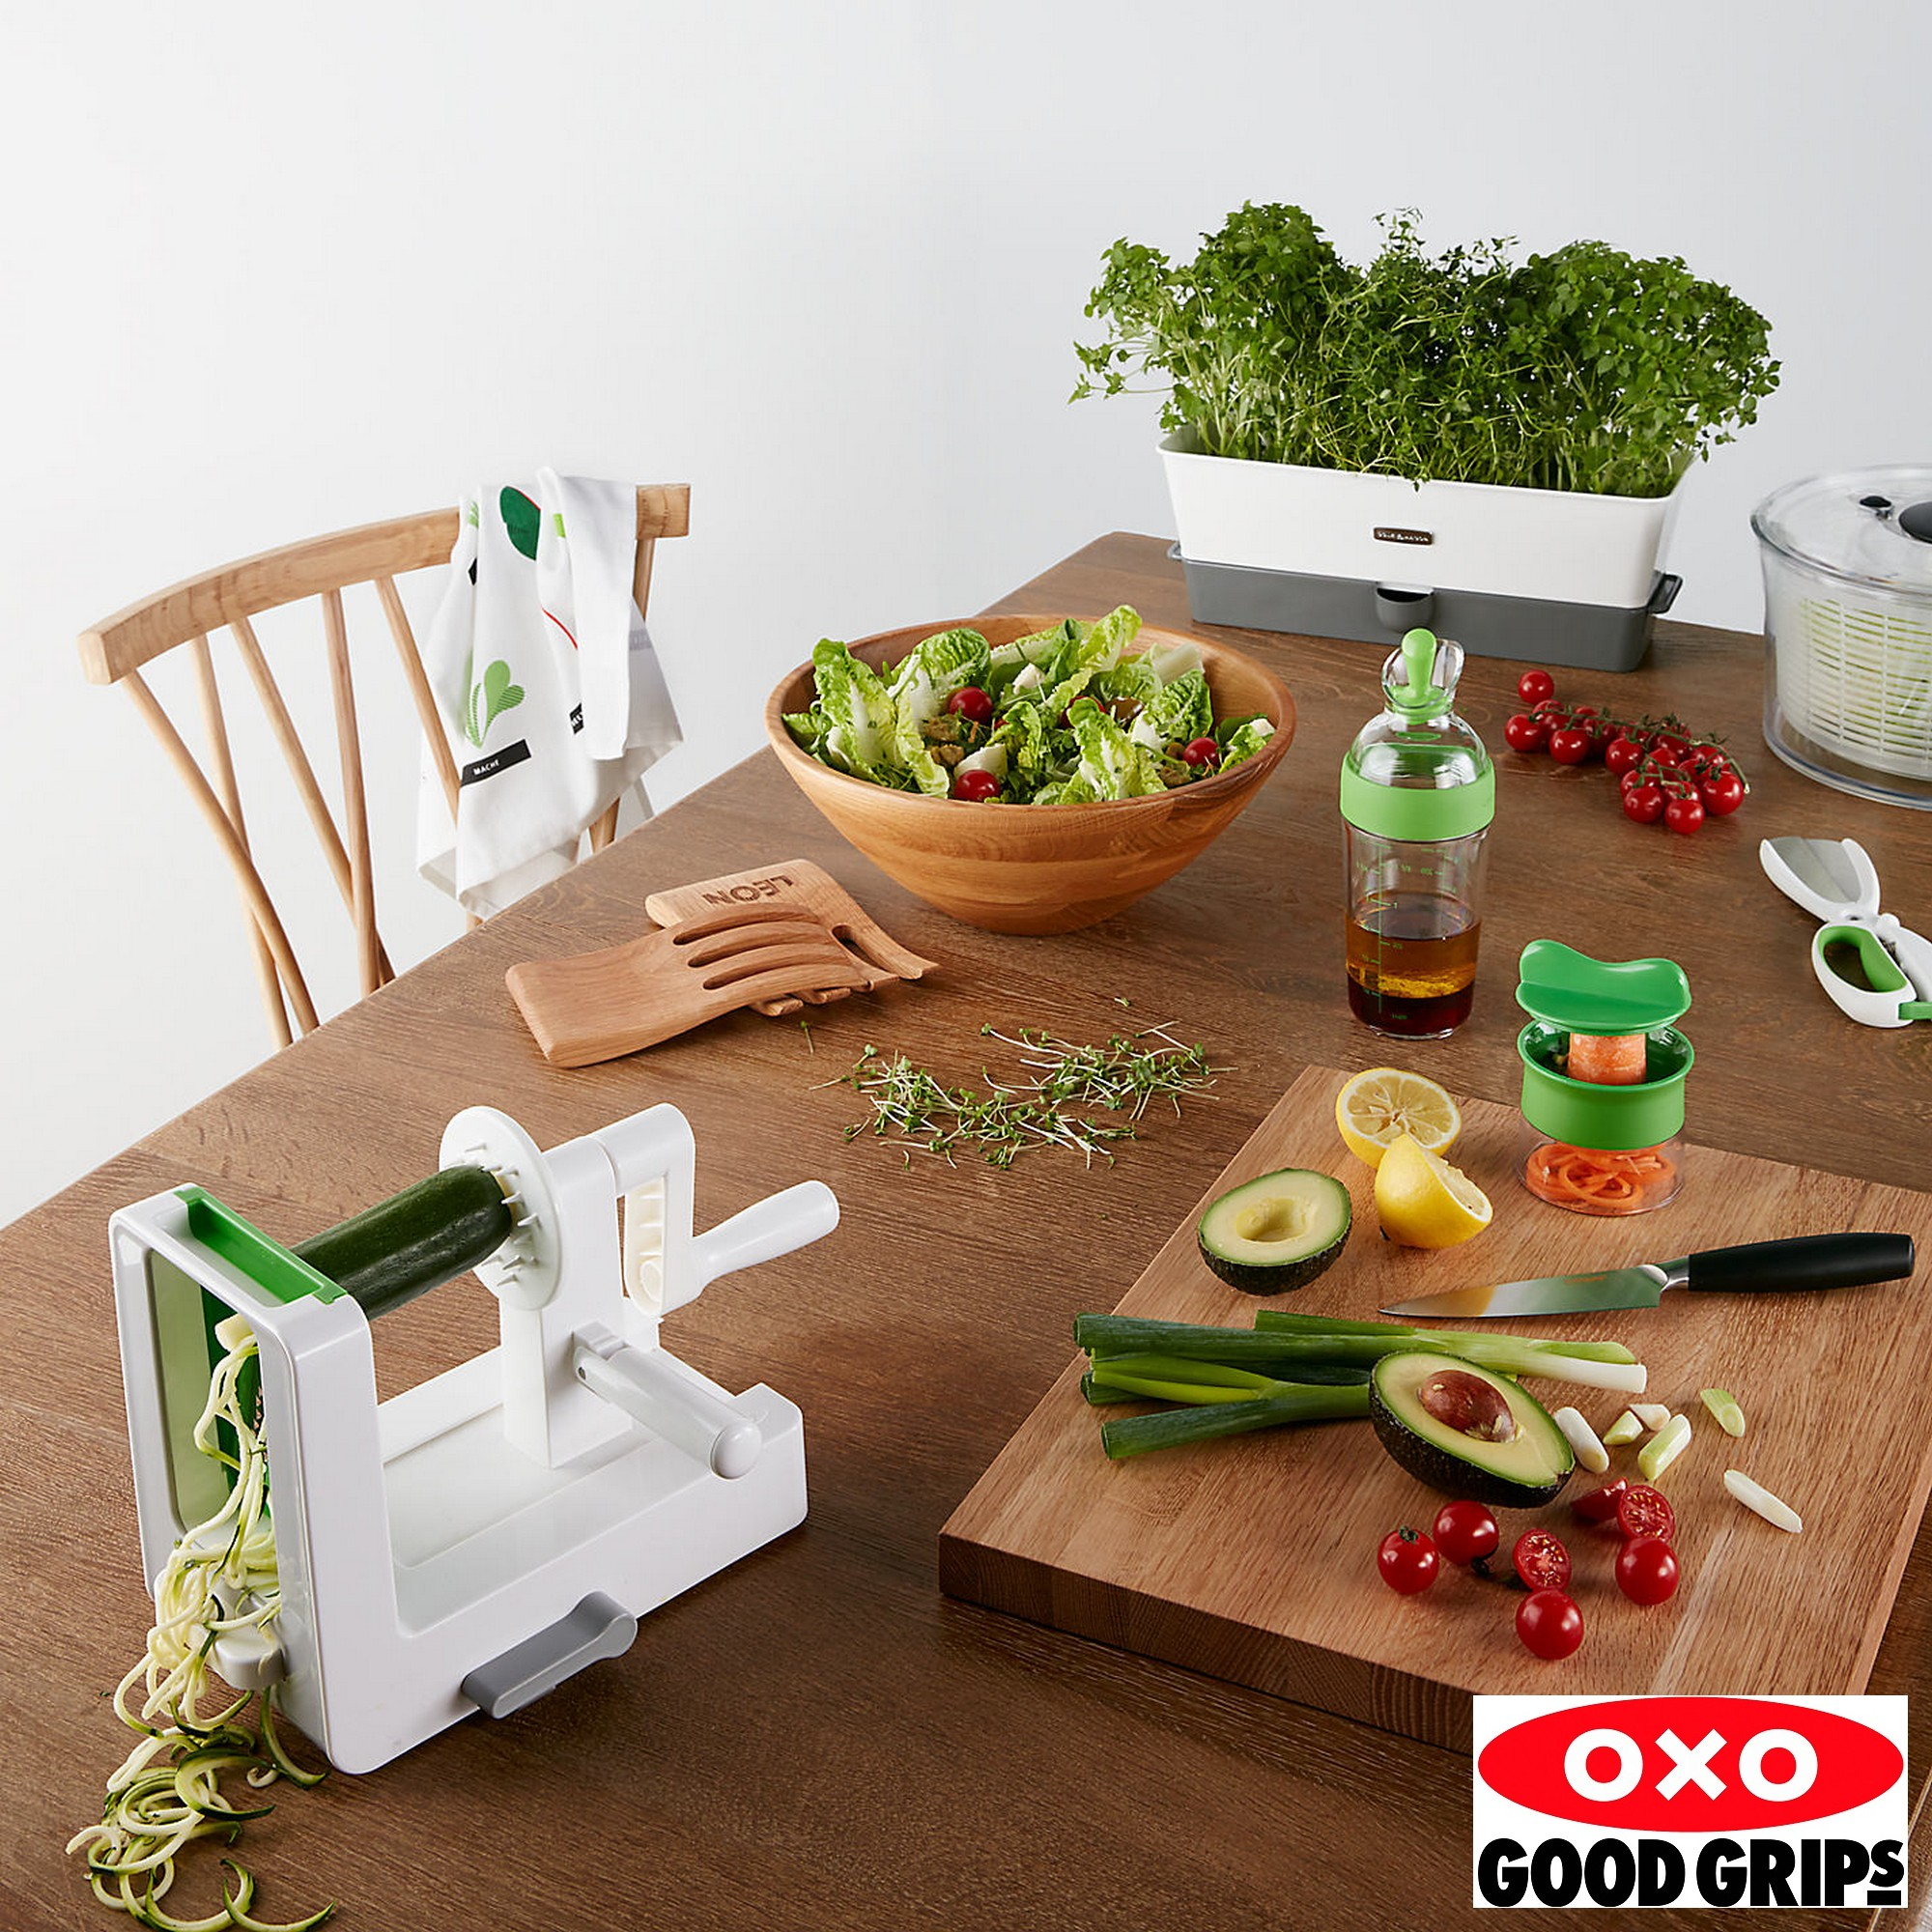 Espiralizador de Vegetais de Mesa Oxo Good Grips Tabletop Spiralizer